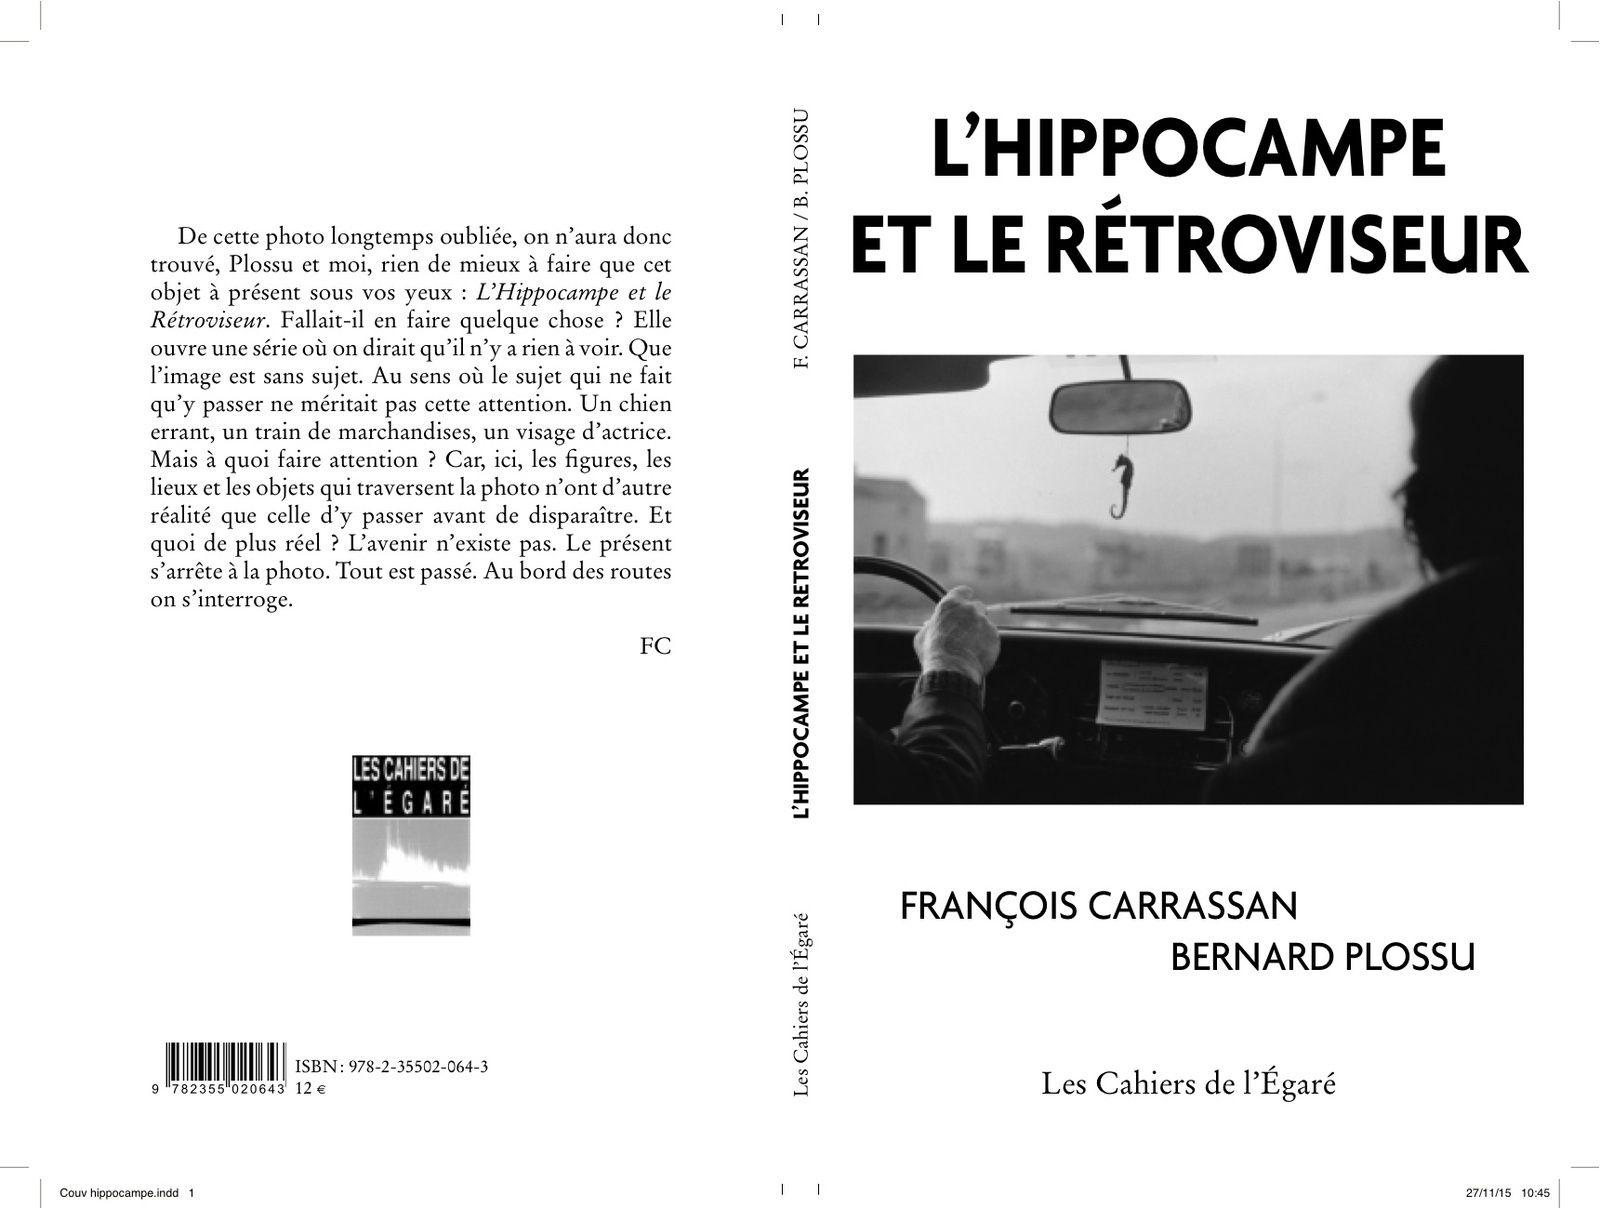 L'hippocampe et le rétroviseur / Carrassan-Plossu